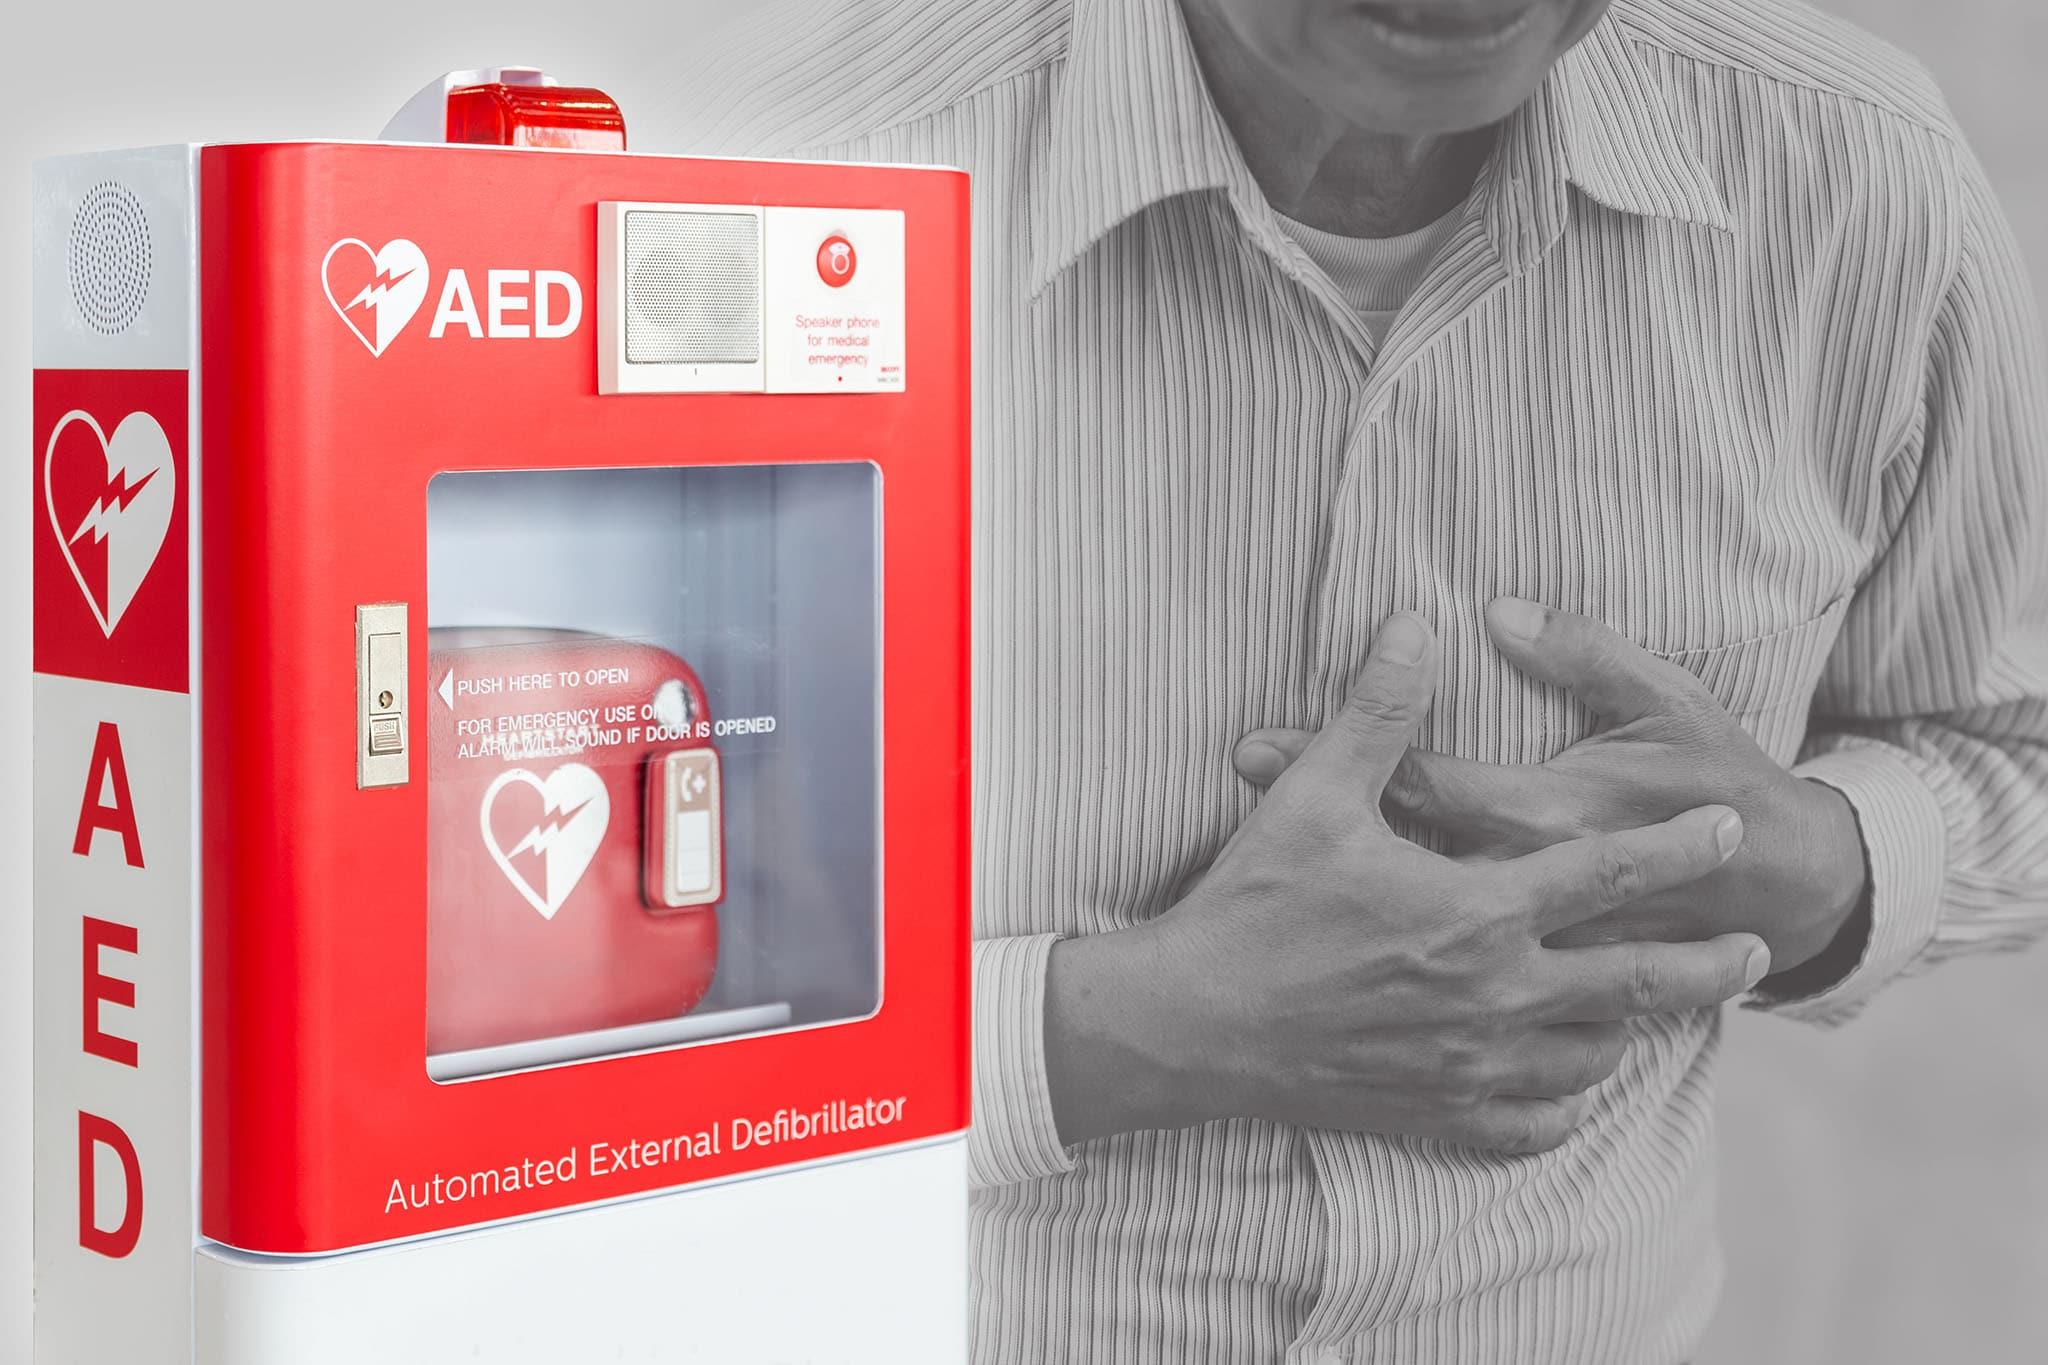 Rørvig el hjertestarter